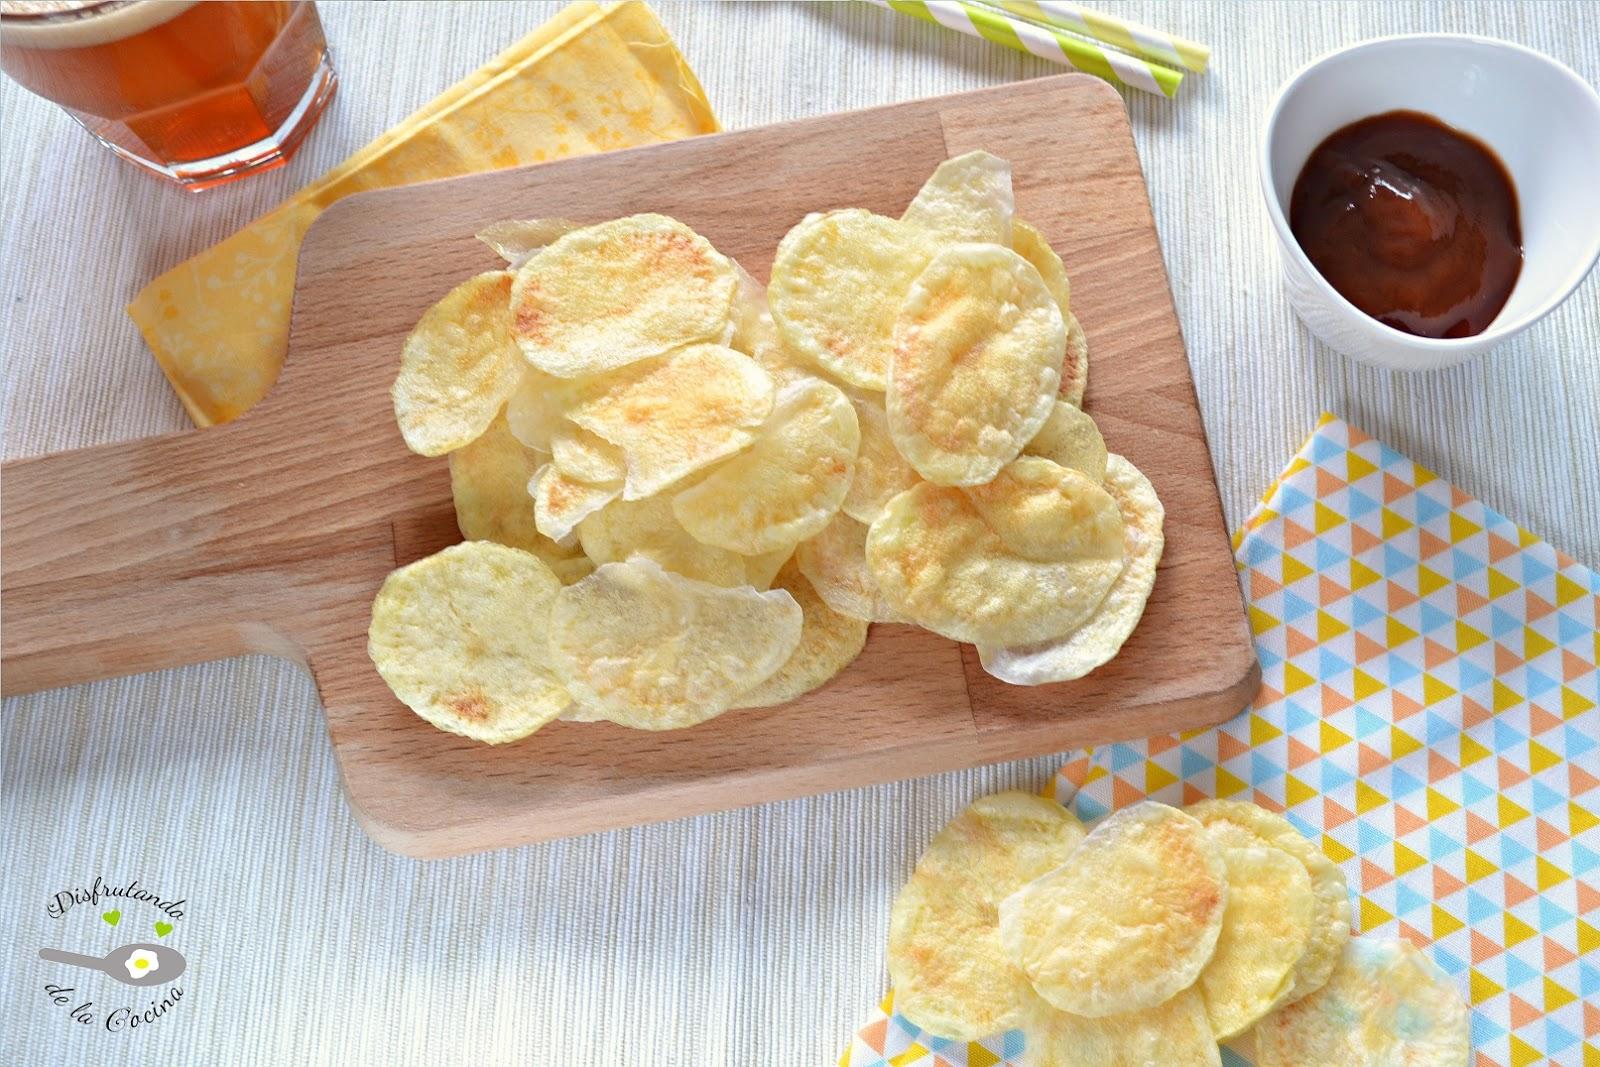 Disfrutando de la cocina patatas chips al microondas - Cocina al microondas ...